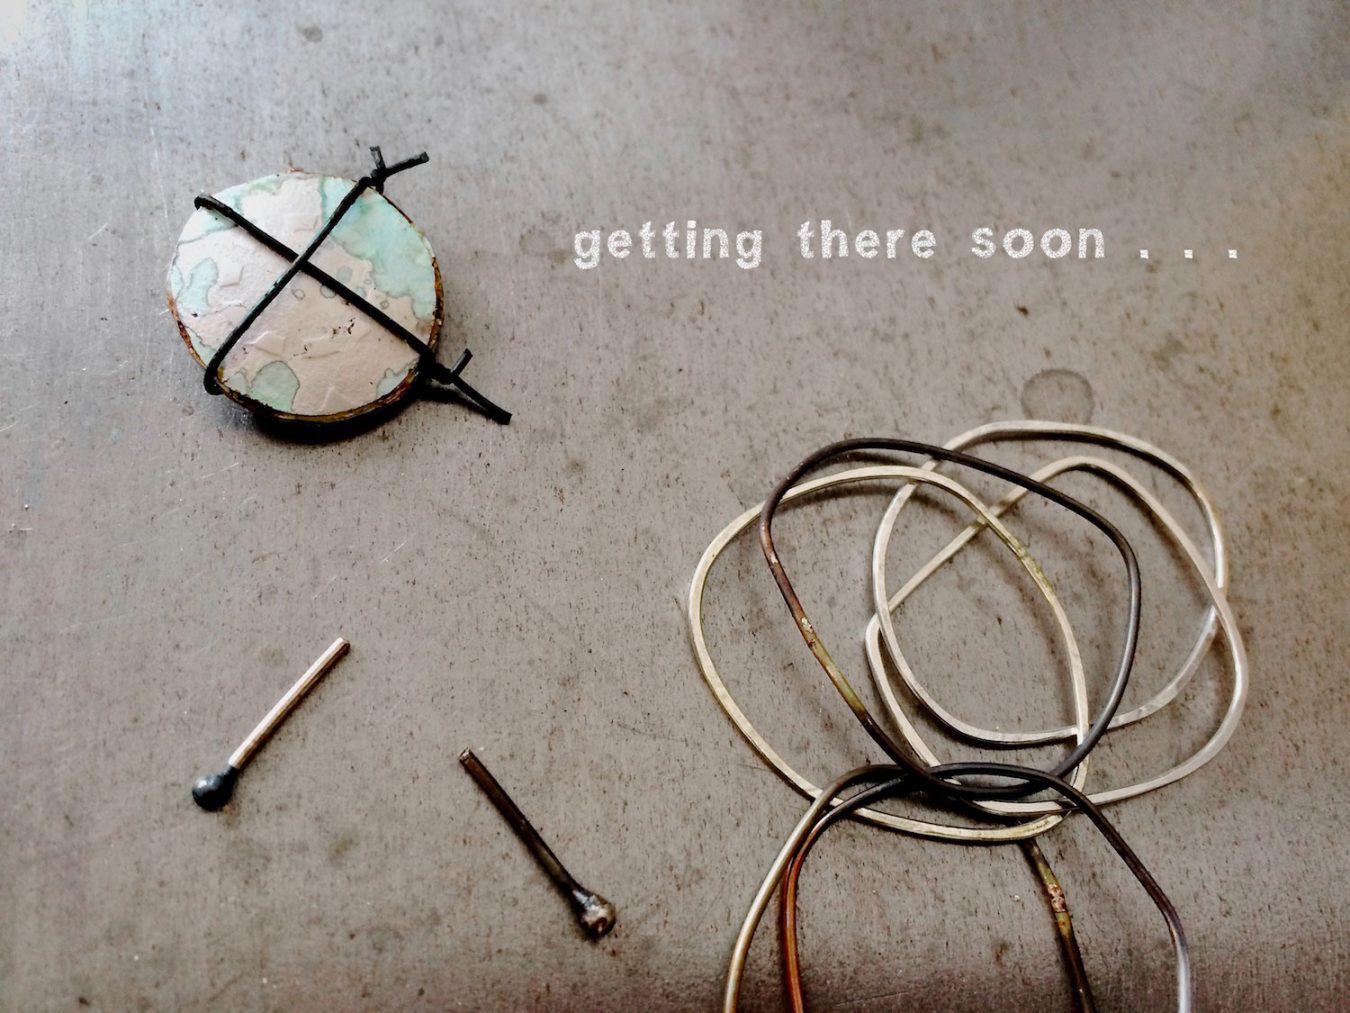 Peter Moritz, Eva Moritz, moritzform, crafts